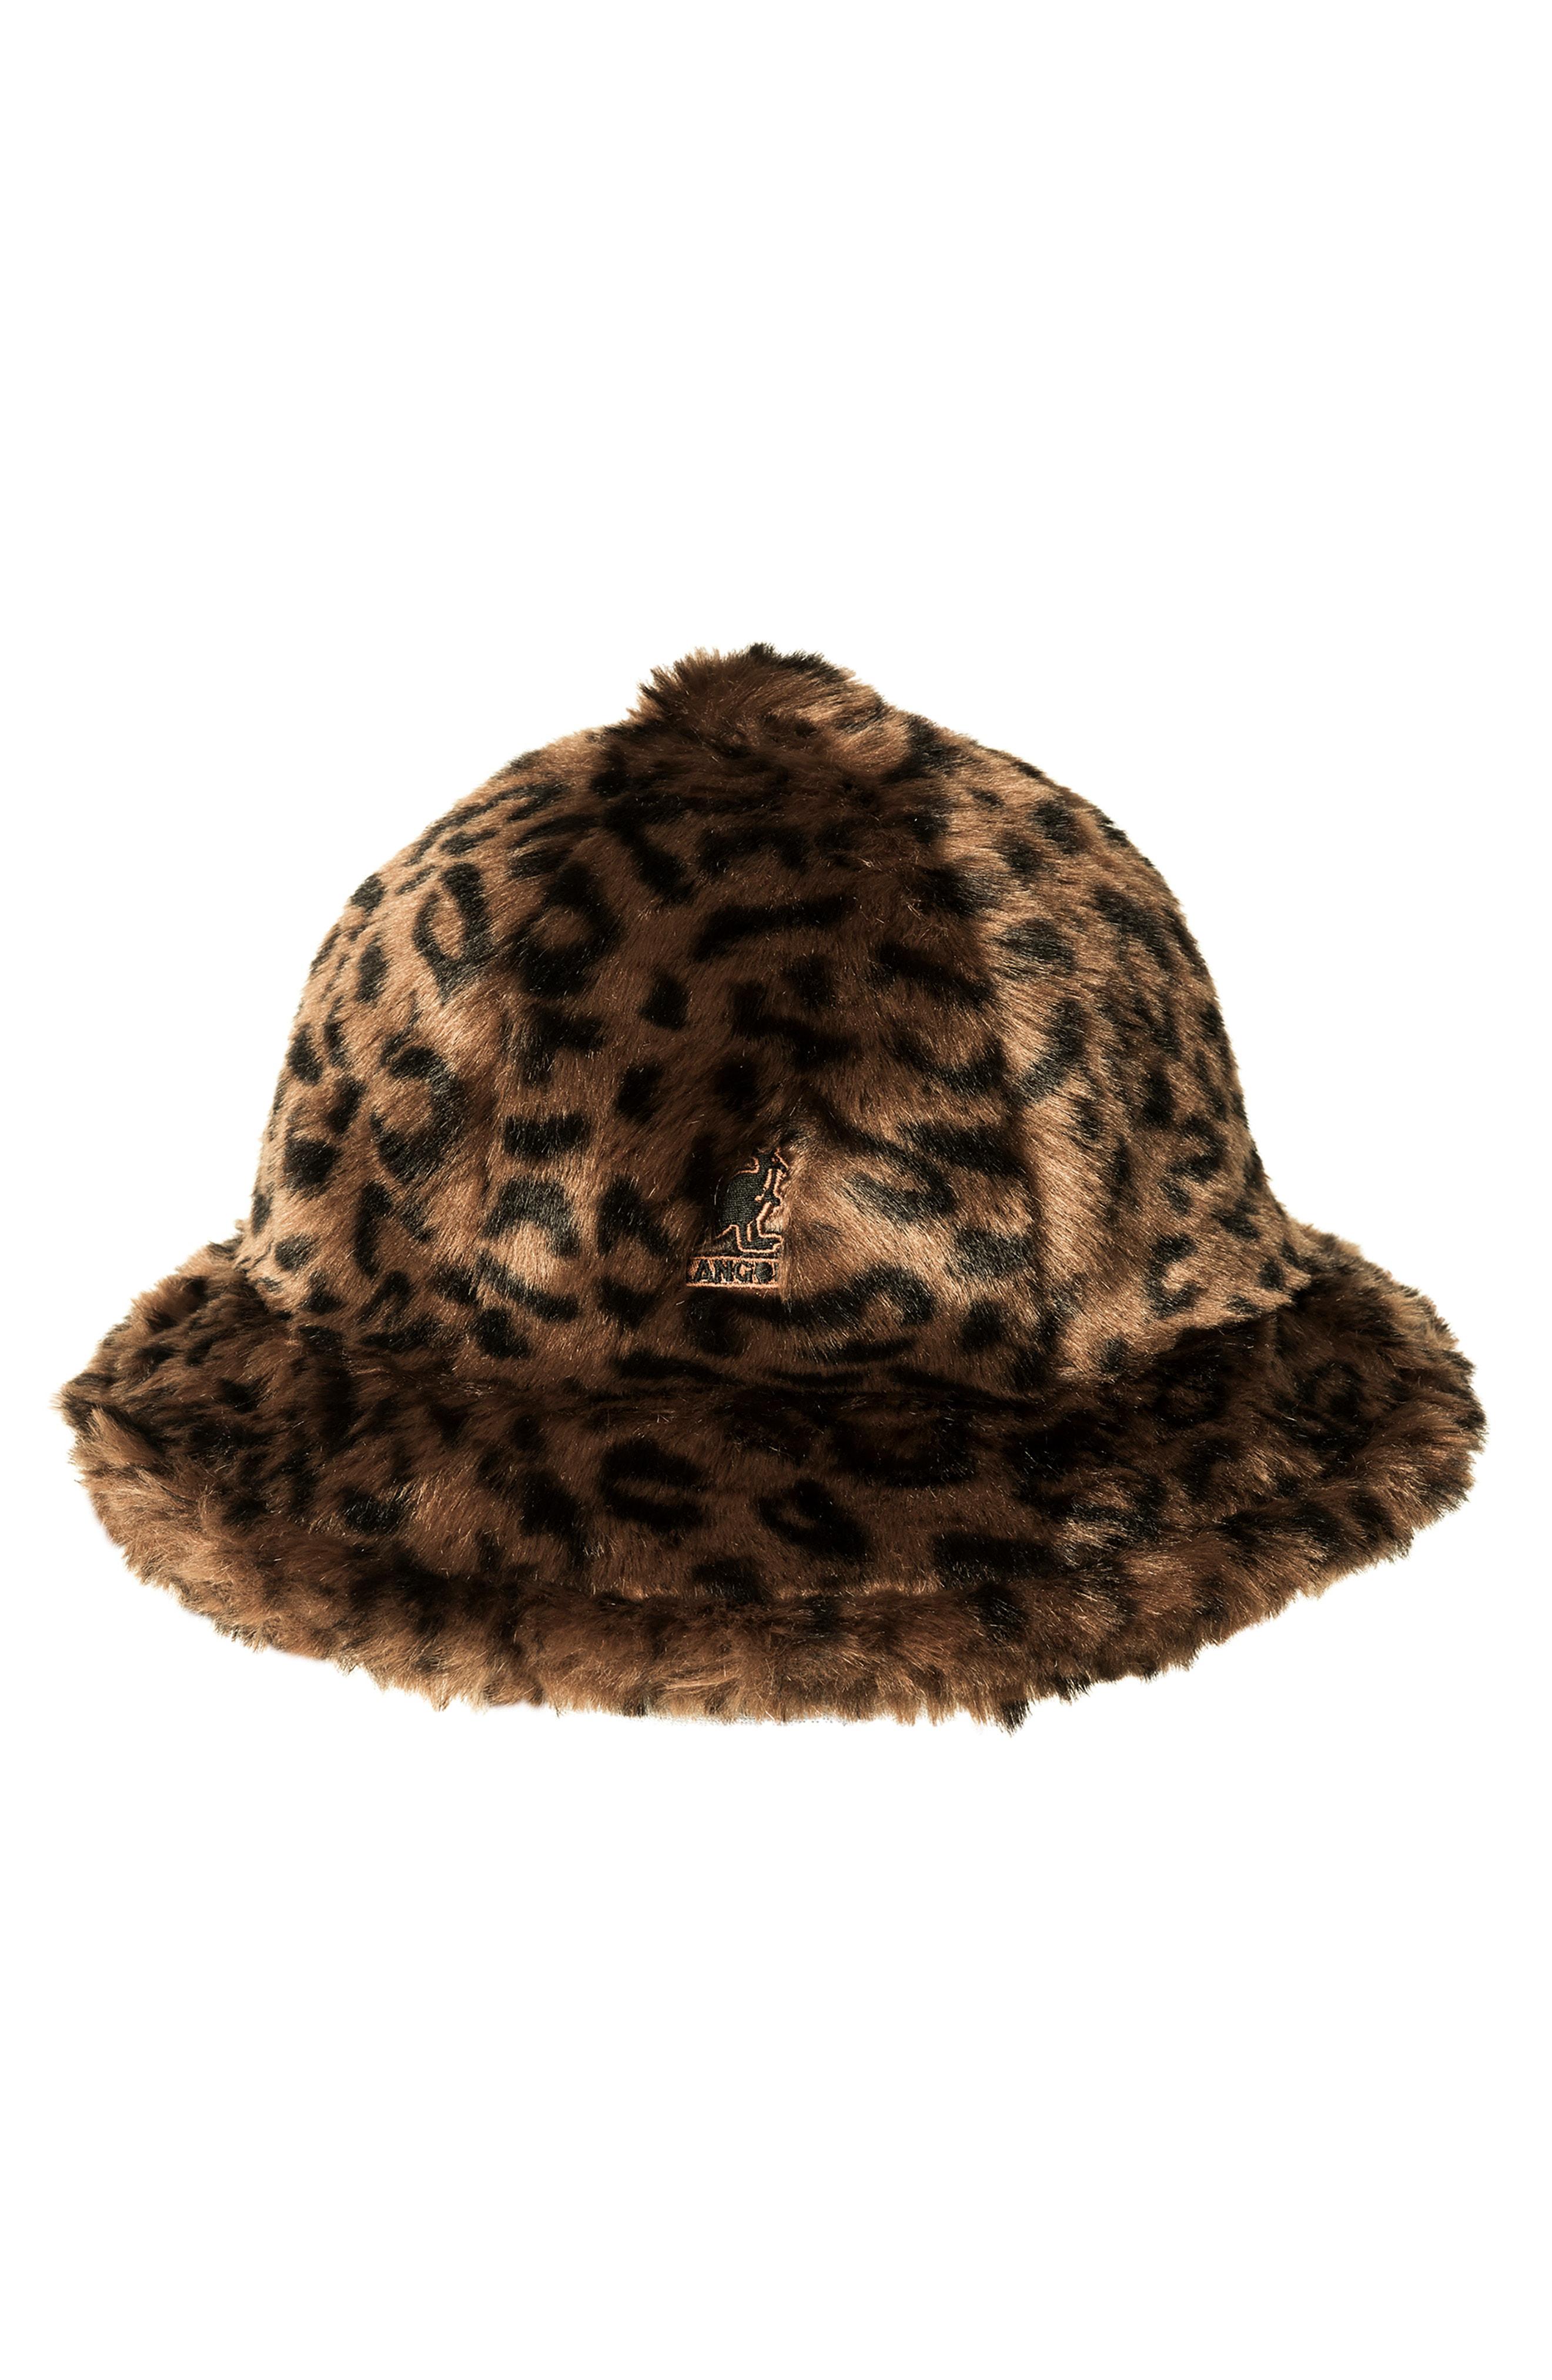 02ef83978c8d9 Kangol Faux Fur Casual Bucket Hat - Brown In Leopard